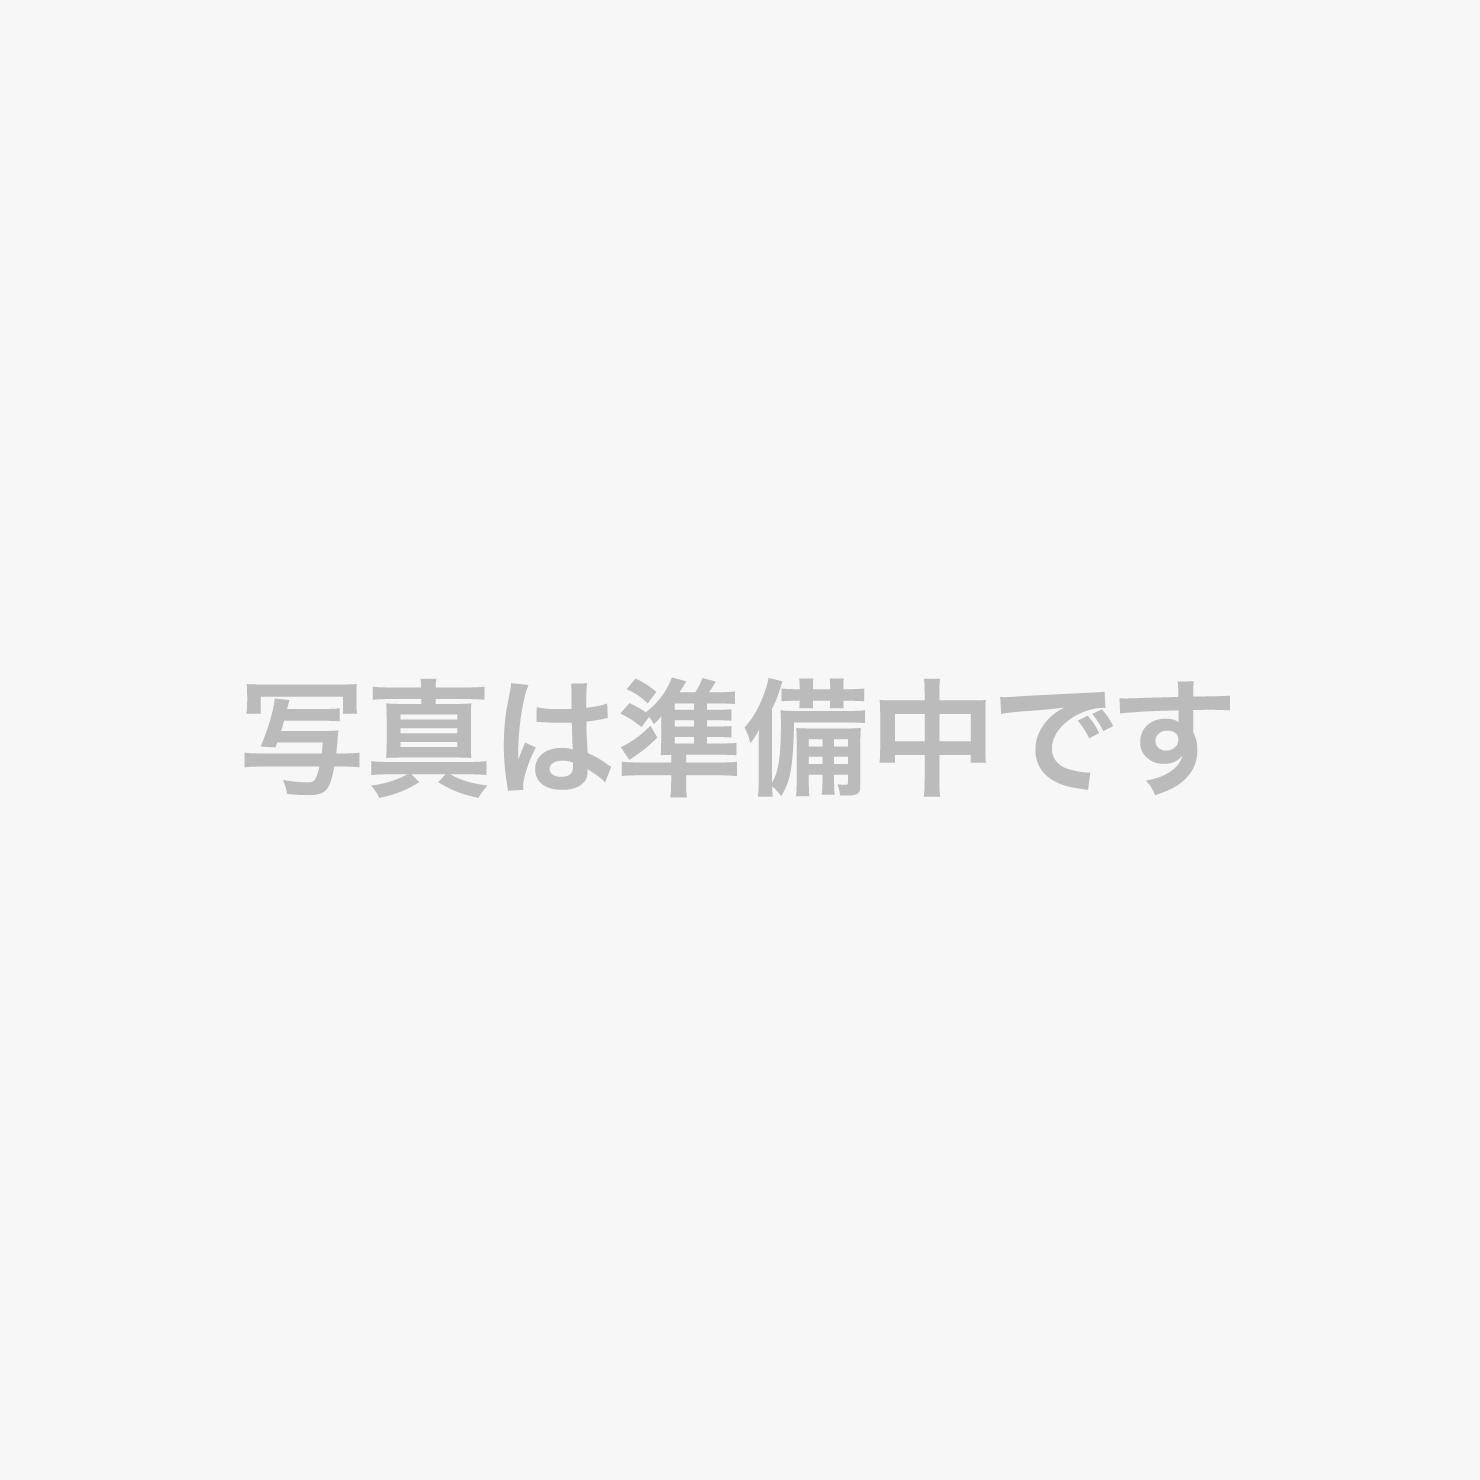 【アンサナ・スパ】*エントランス*世界各国で数々の賞を受賞している「バンヤンツリー・スパ」の姉妹ブランドです。日本初登場の「アンサナ・スパ ANAクラウンプラザホテル神戸」は日本初の「アンサナ・スパ」。